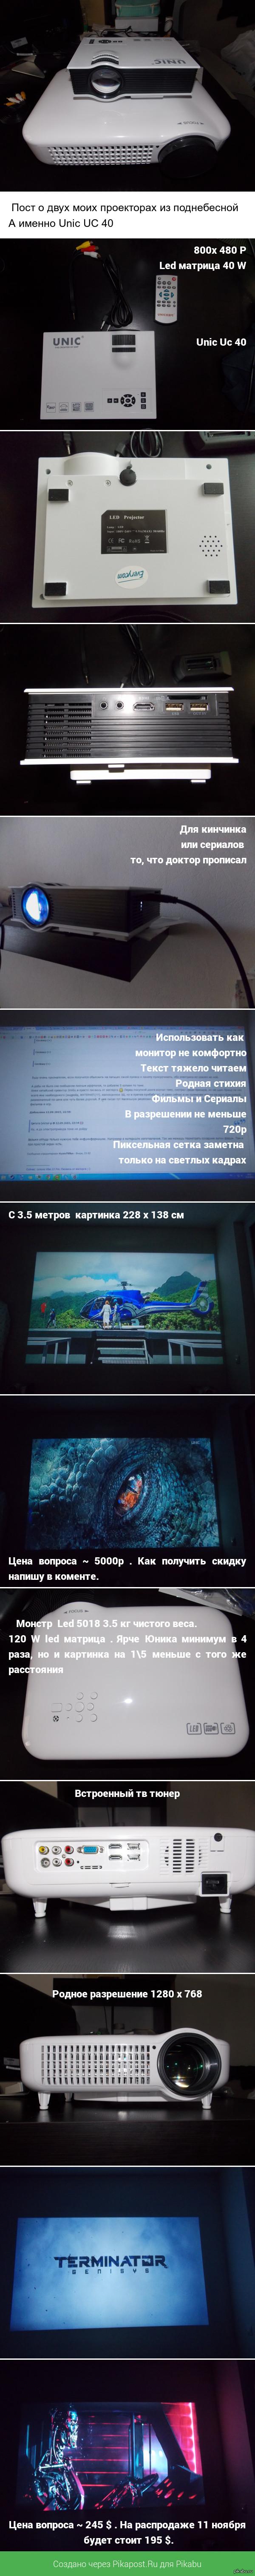 2 проектора для бюджетного ДК из китая Краткий обзор unic uc 40 \ led5018